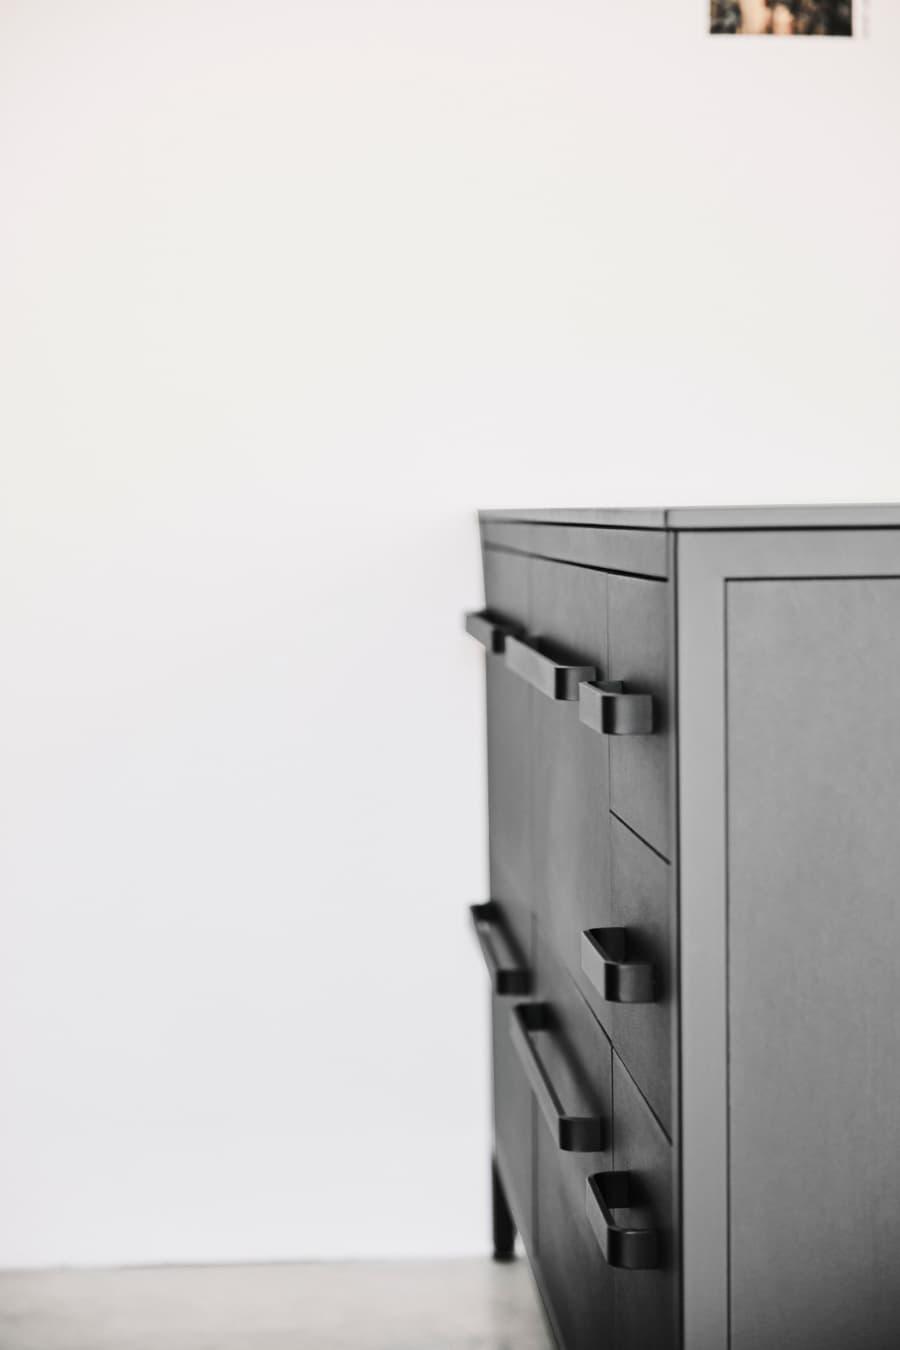 schwarze-kücheninsel-von-keep-designlinien-durch-Griffleisten